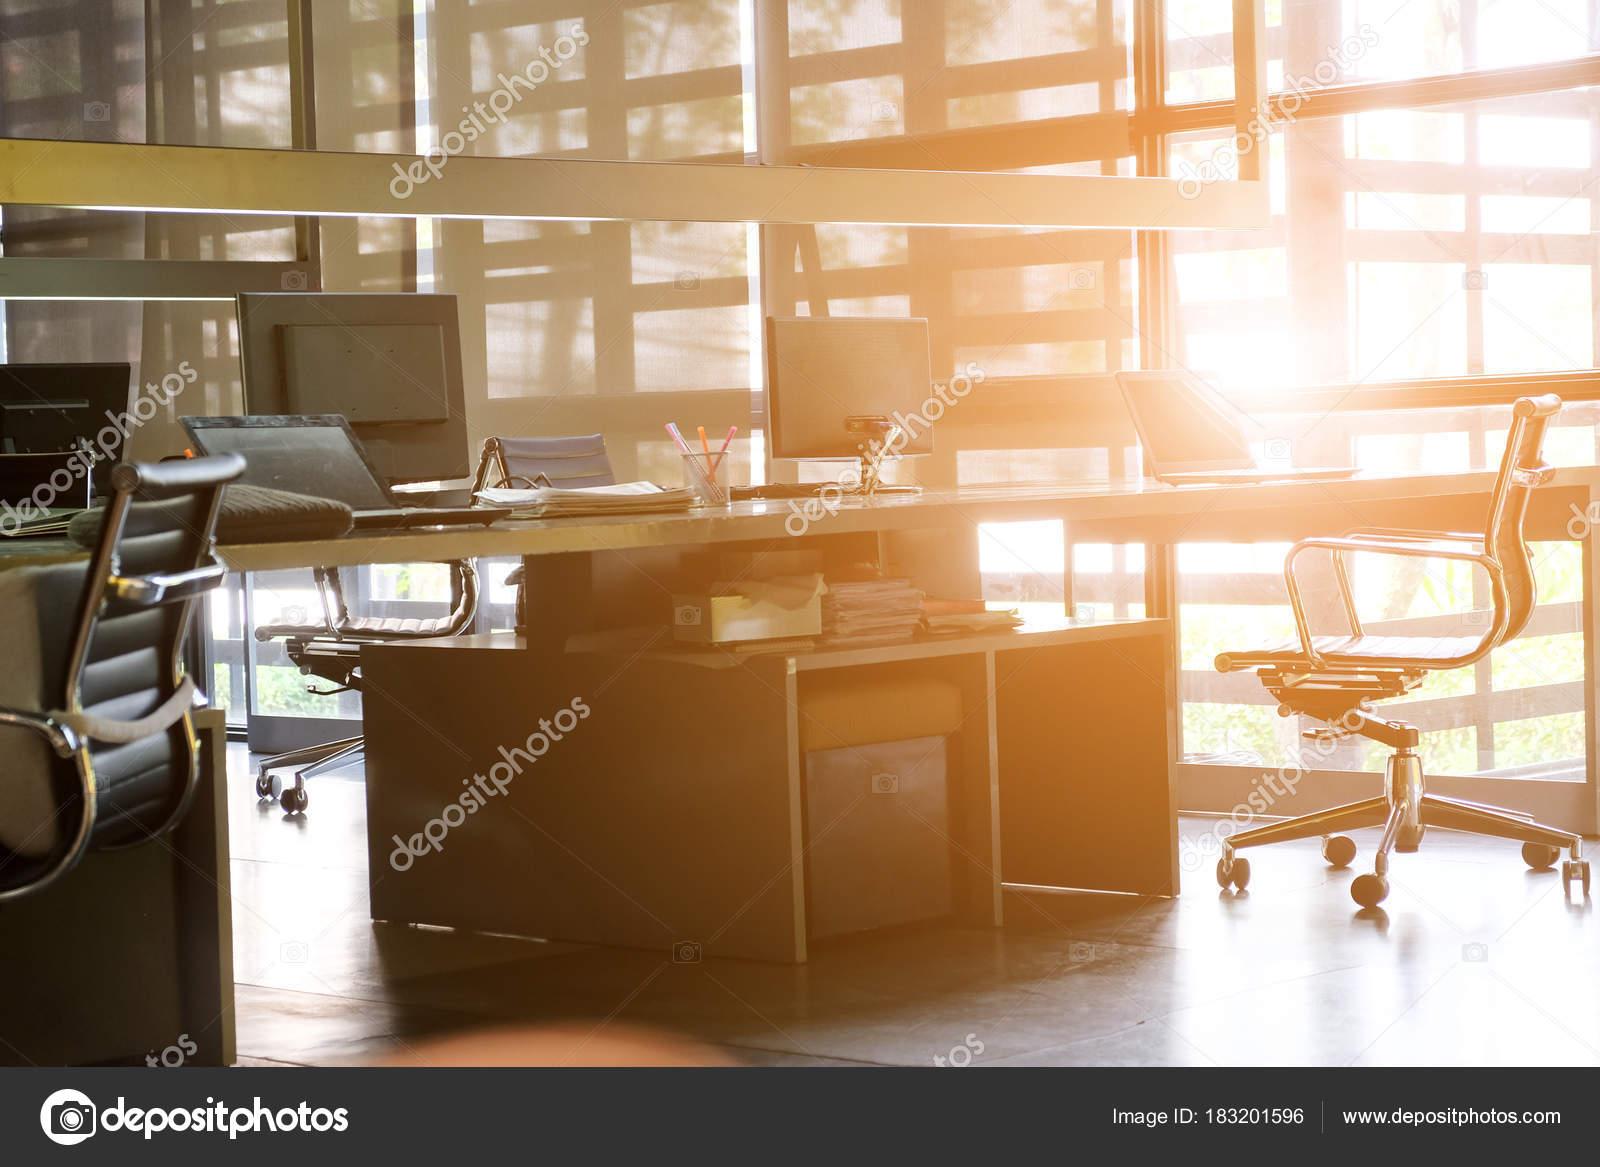 Bureau imago van moderne kantoor interieur achtergrond een idee van